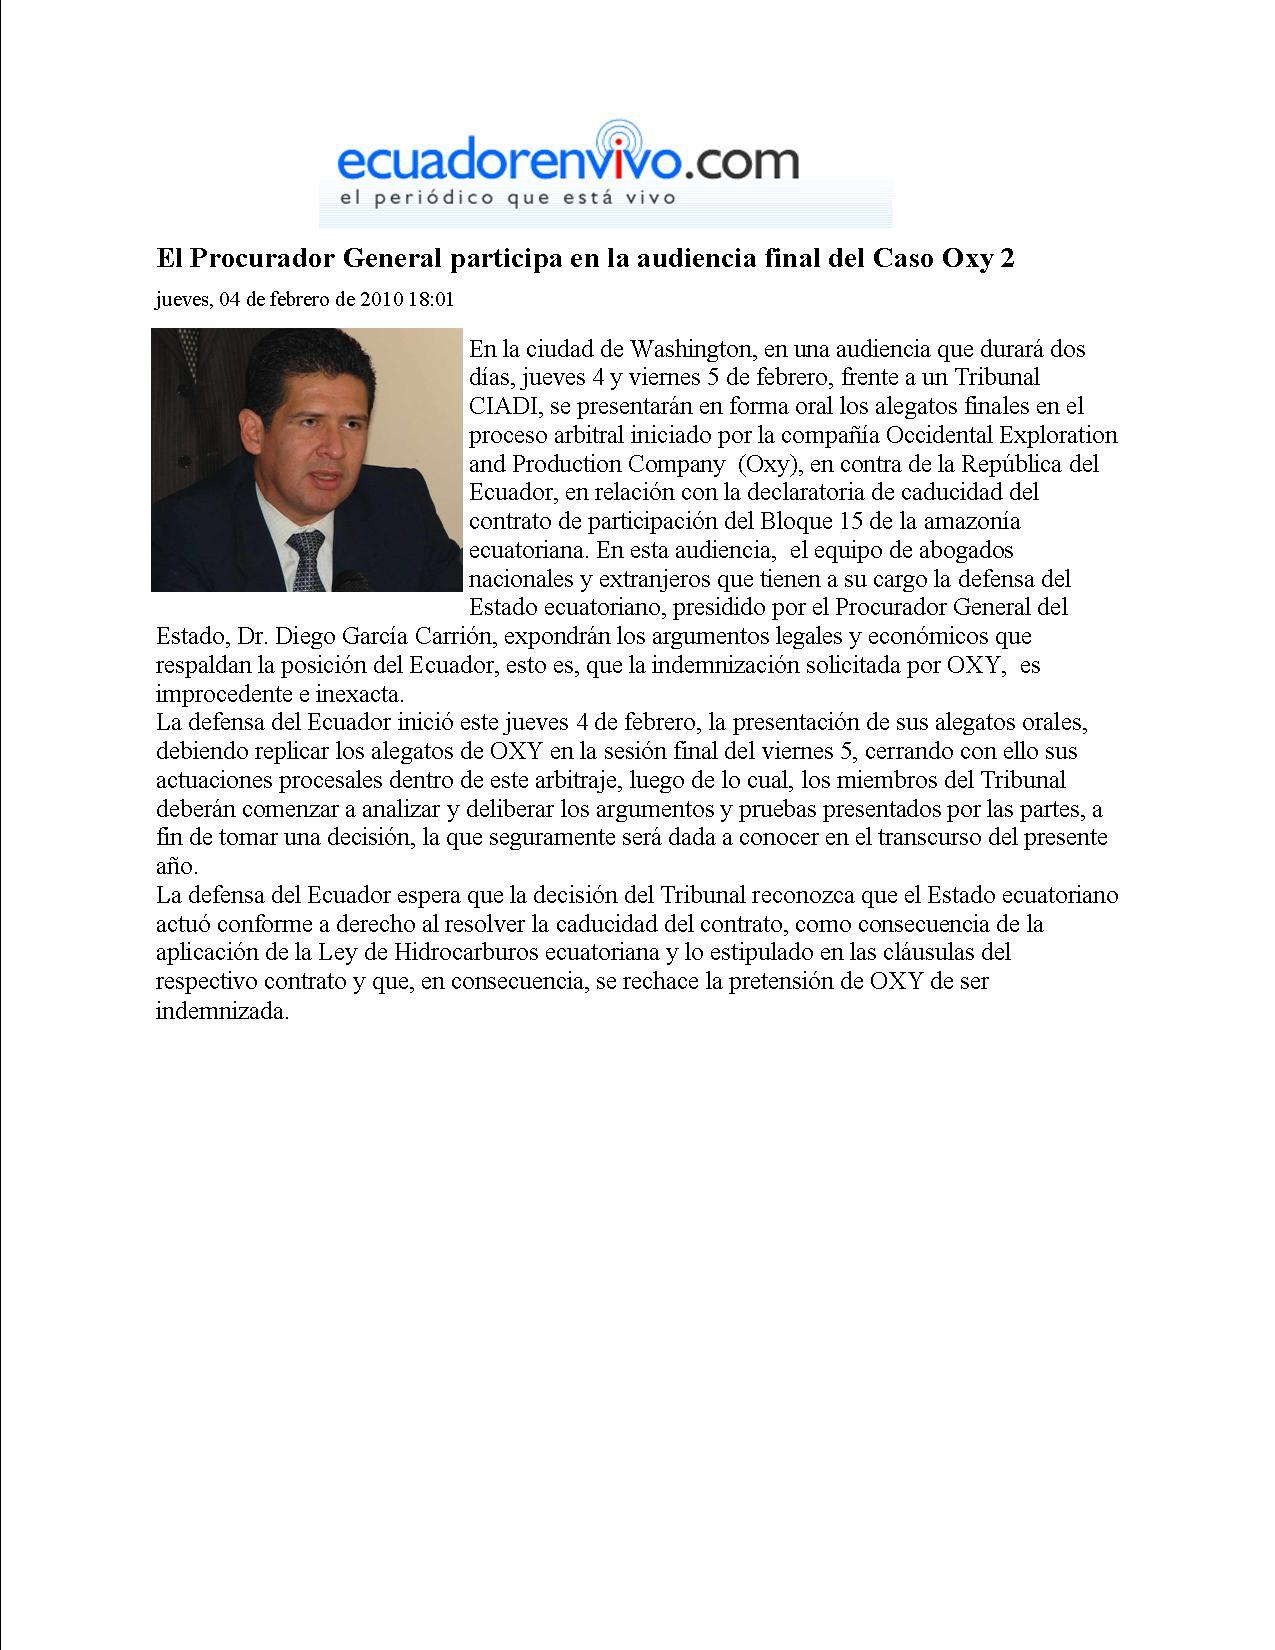 1-ECUADORENVIVO 04-02-2010